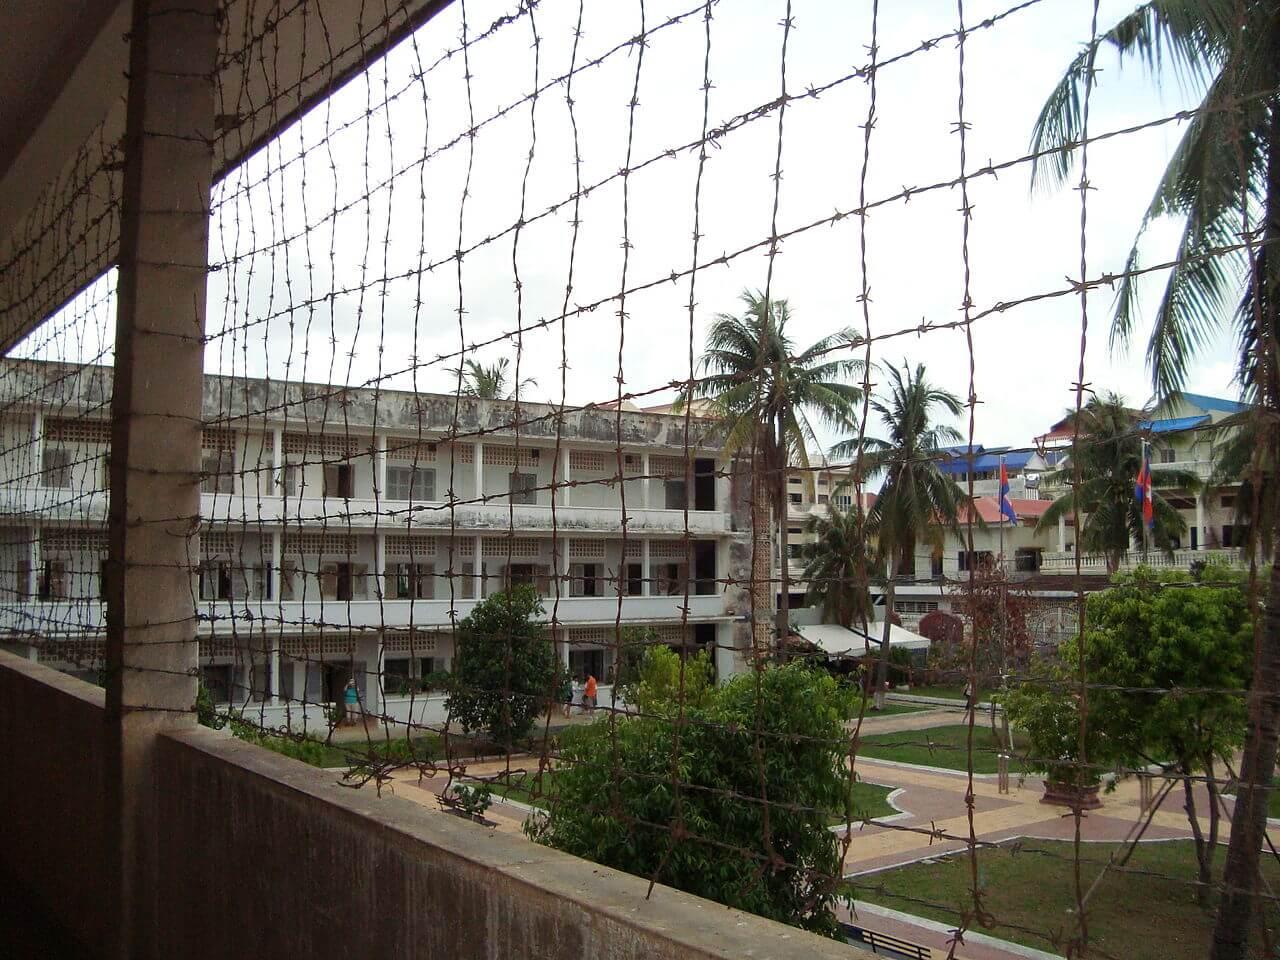 tuol_Sleng_S21_Phnom_Penh_sem op reis